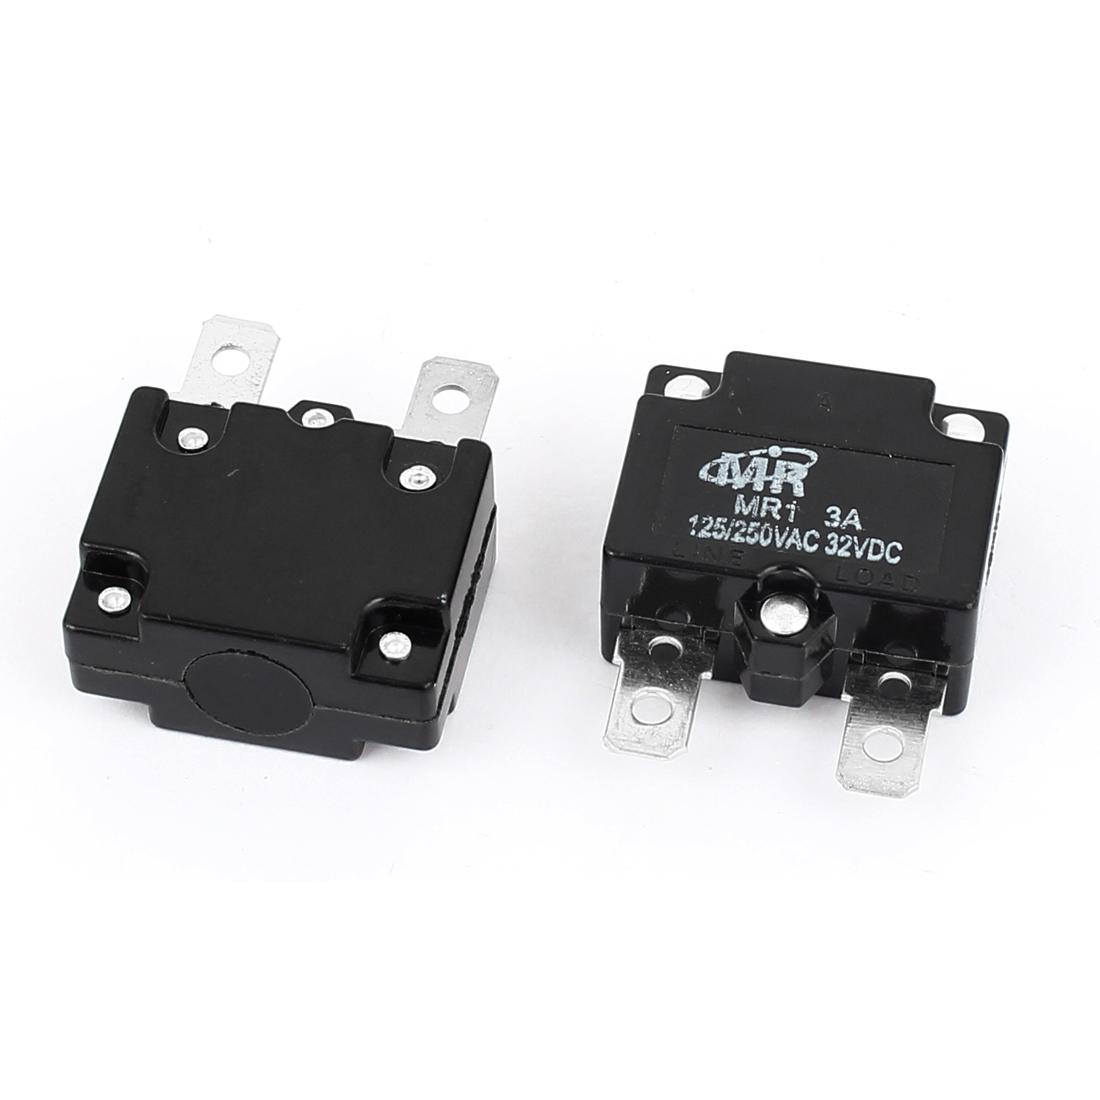 AC 125V/250V 3A NC Automatic Reset Overload Protector Circuit Breaker 2Pcs